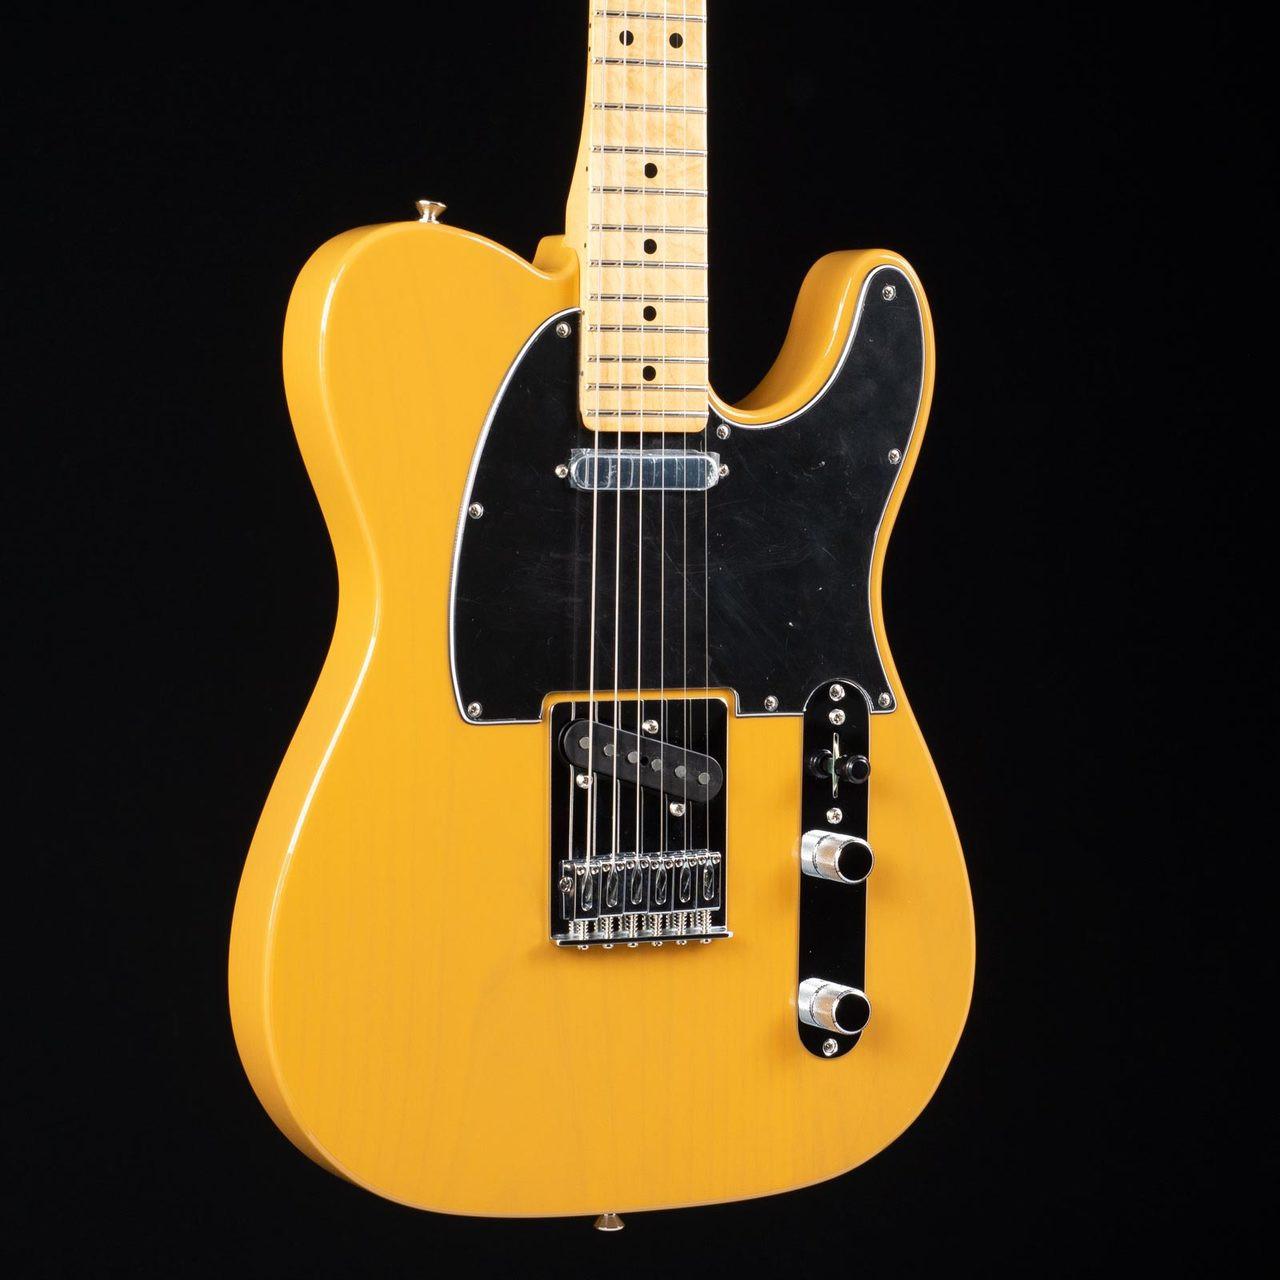 fender player telecaster butterscotch blonde 7881 at moore guitars. Black Bedroom Furniture Sets. Home Design Ideas